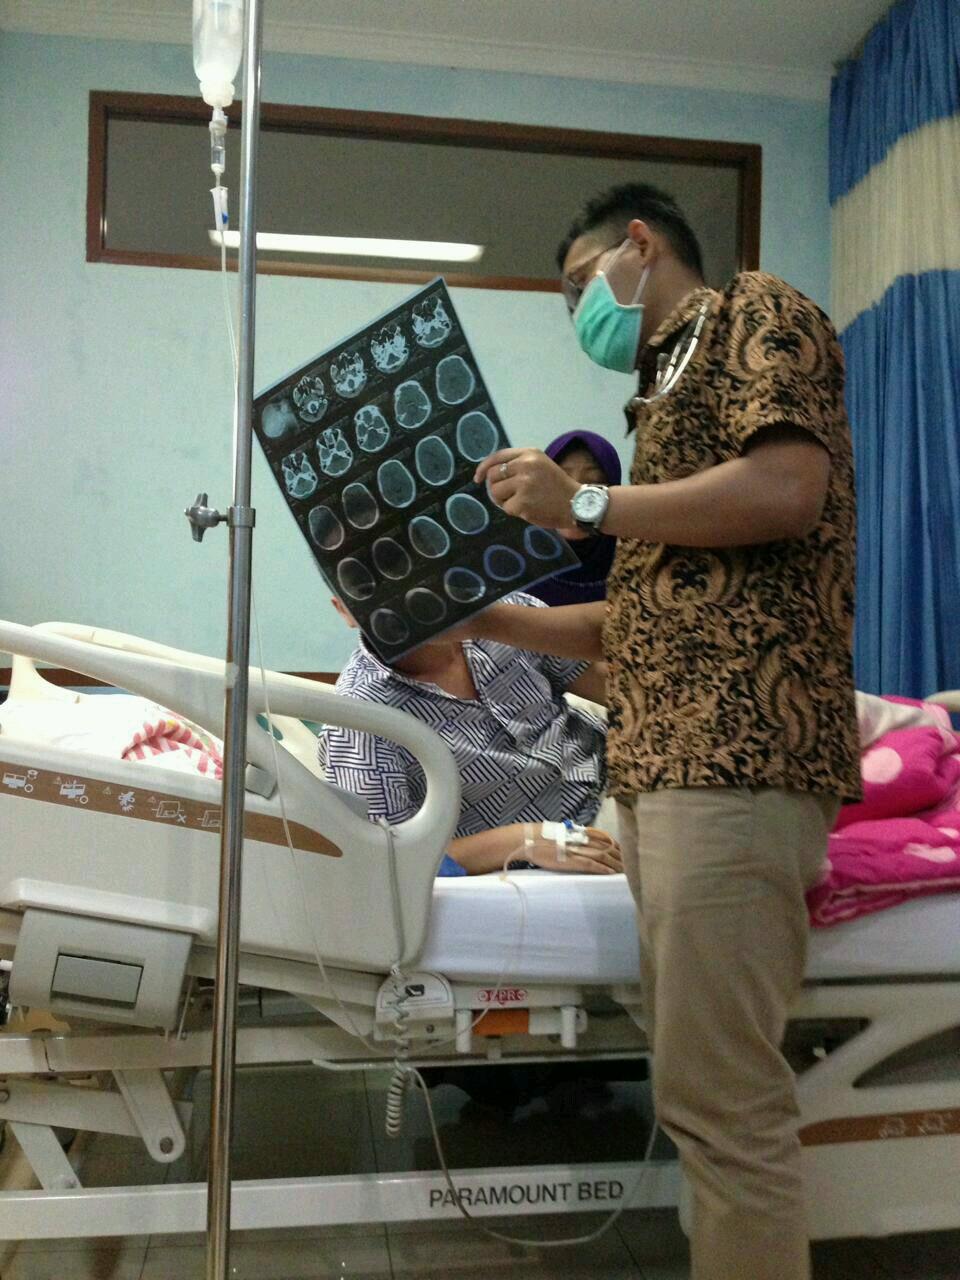 Pengalaman 13 Hari Dirawat Di Rumah Sakit Karena Penyakit Typhus